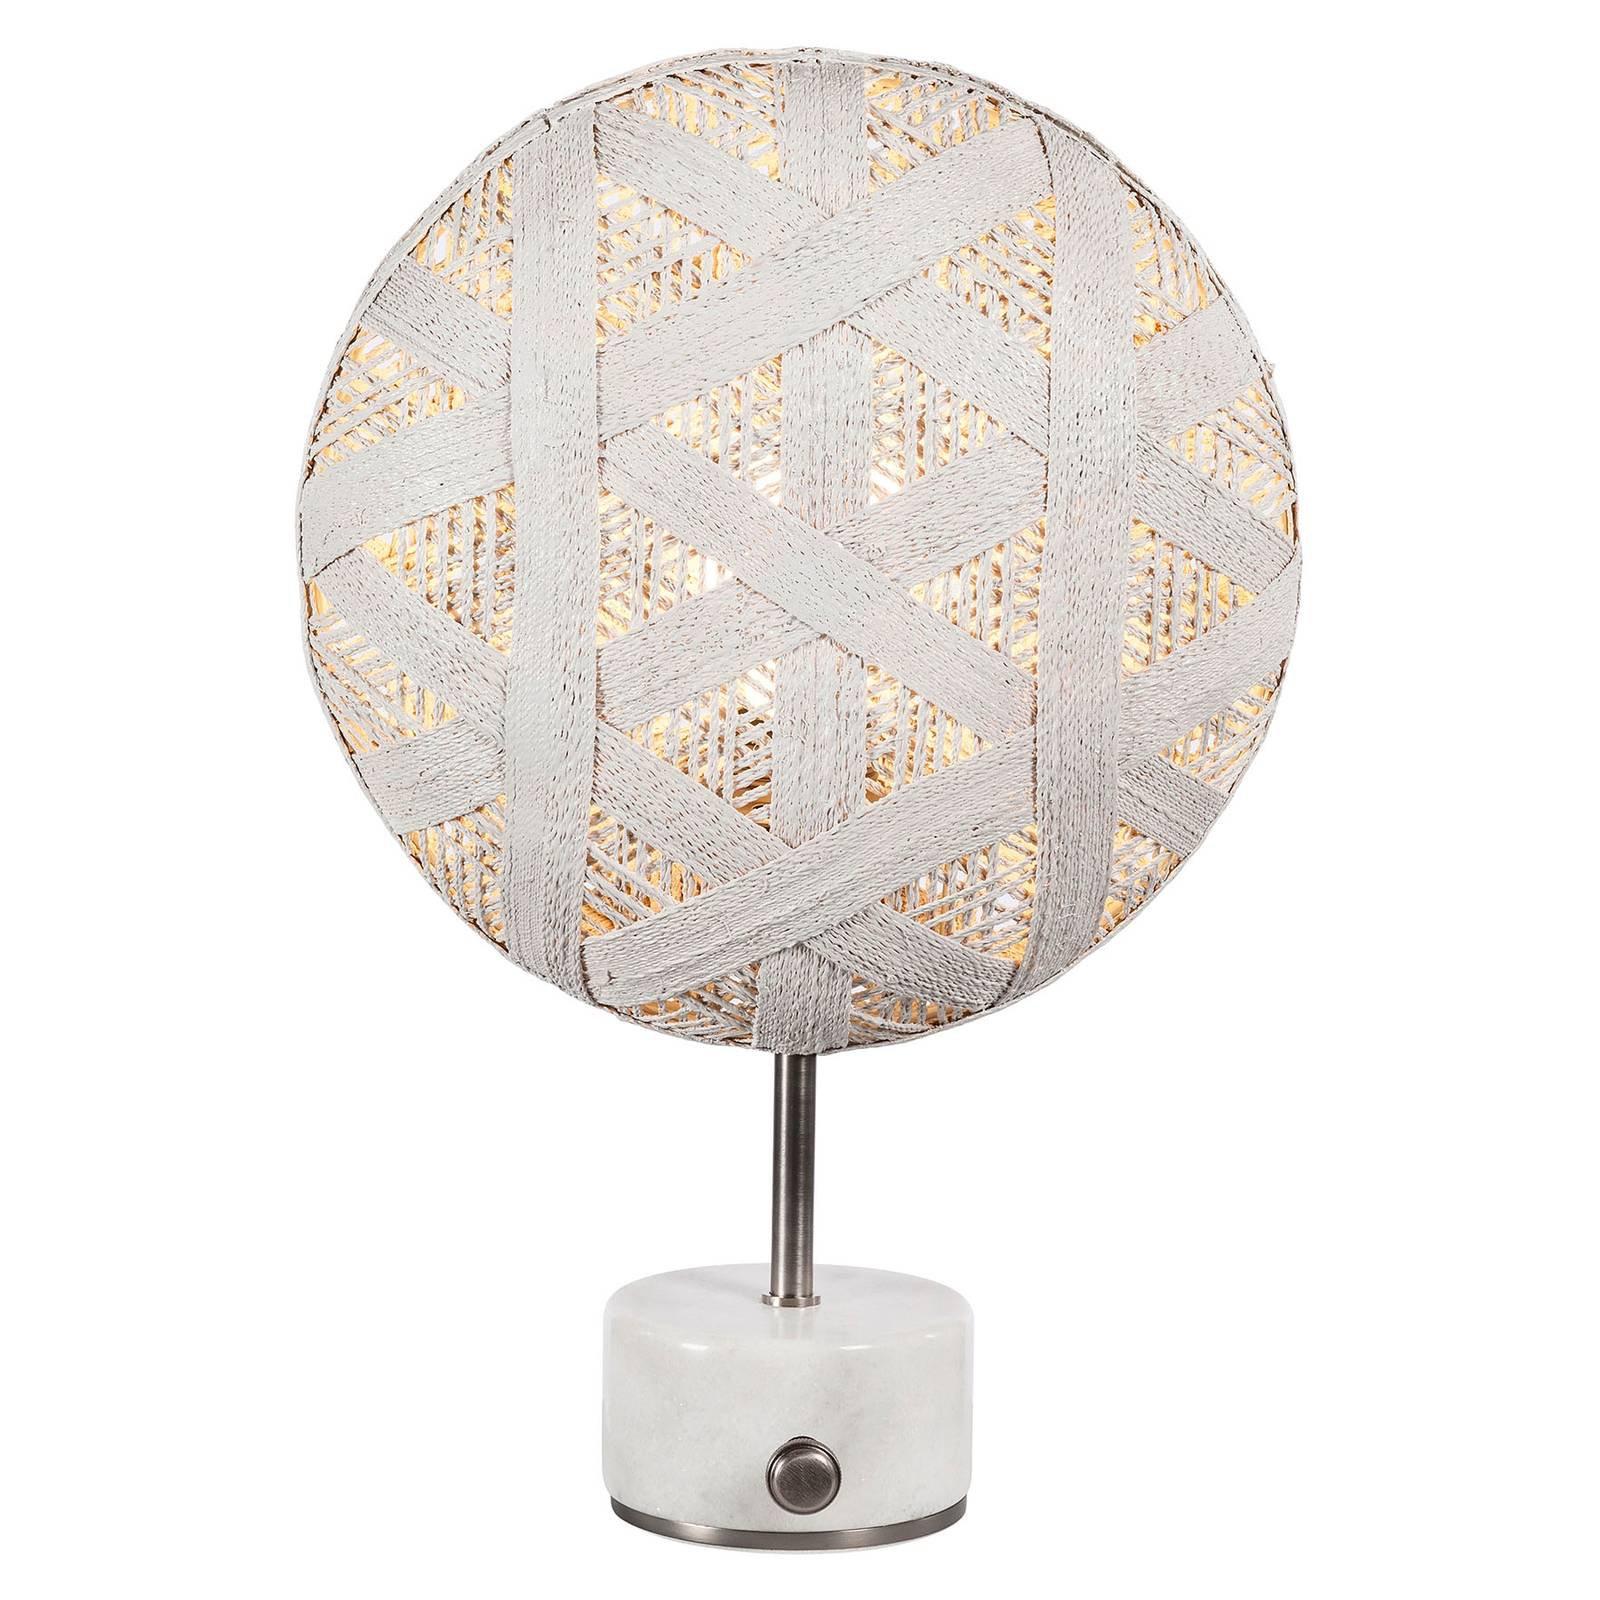 Forestier Chanpen S heksagonal bord, sølv/hvit